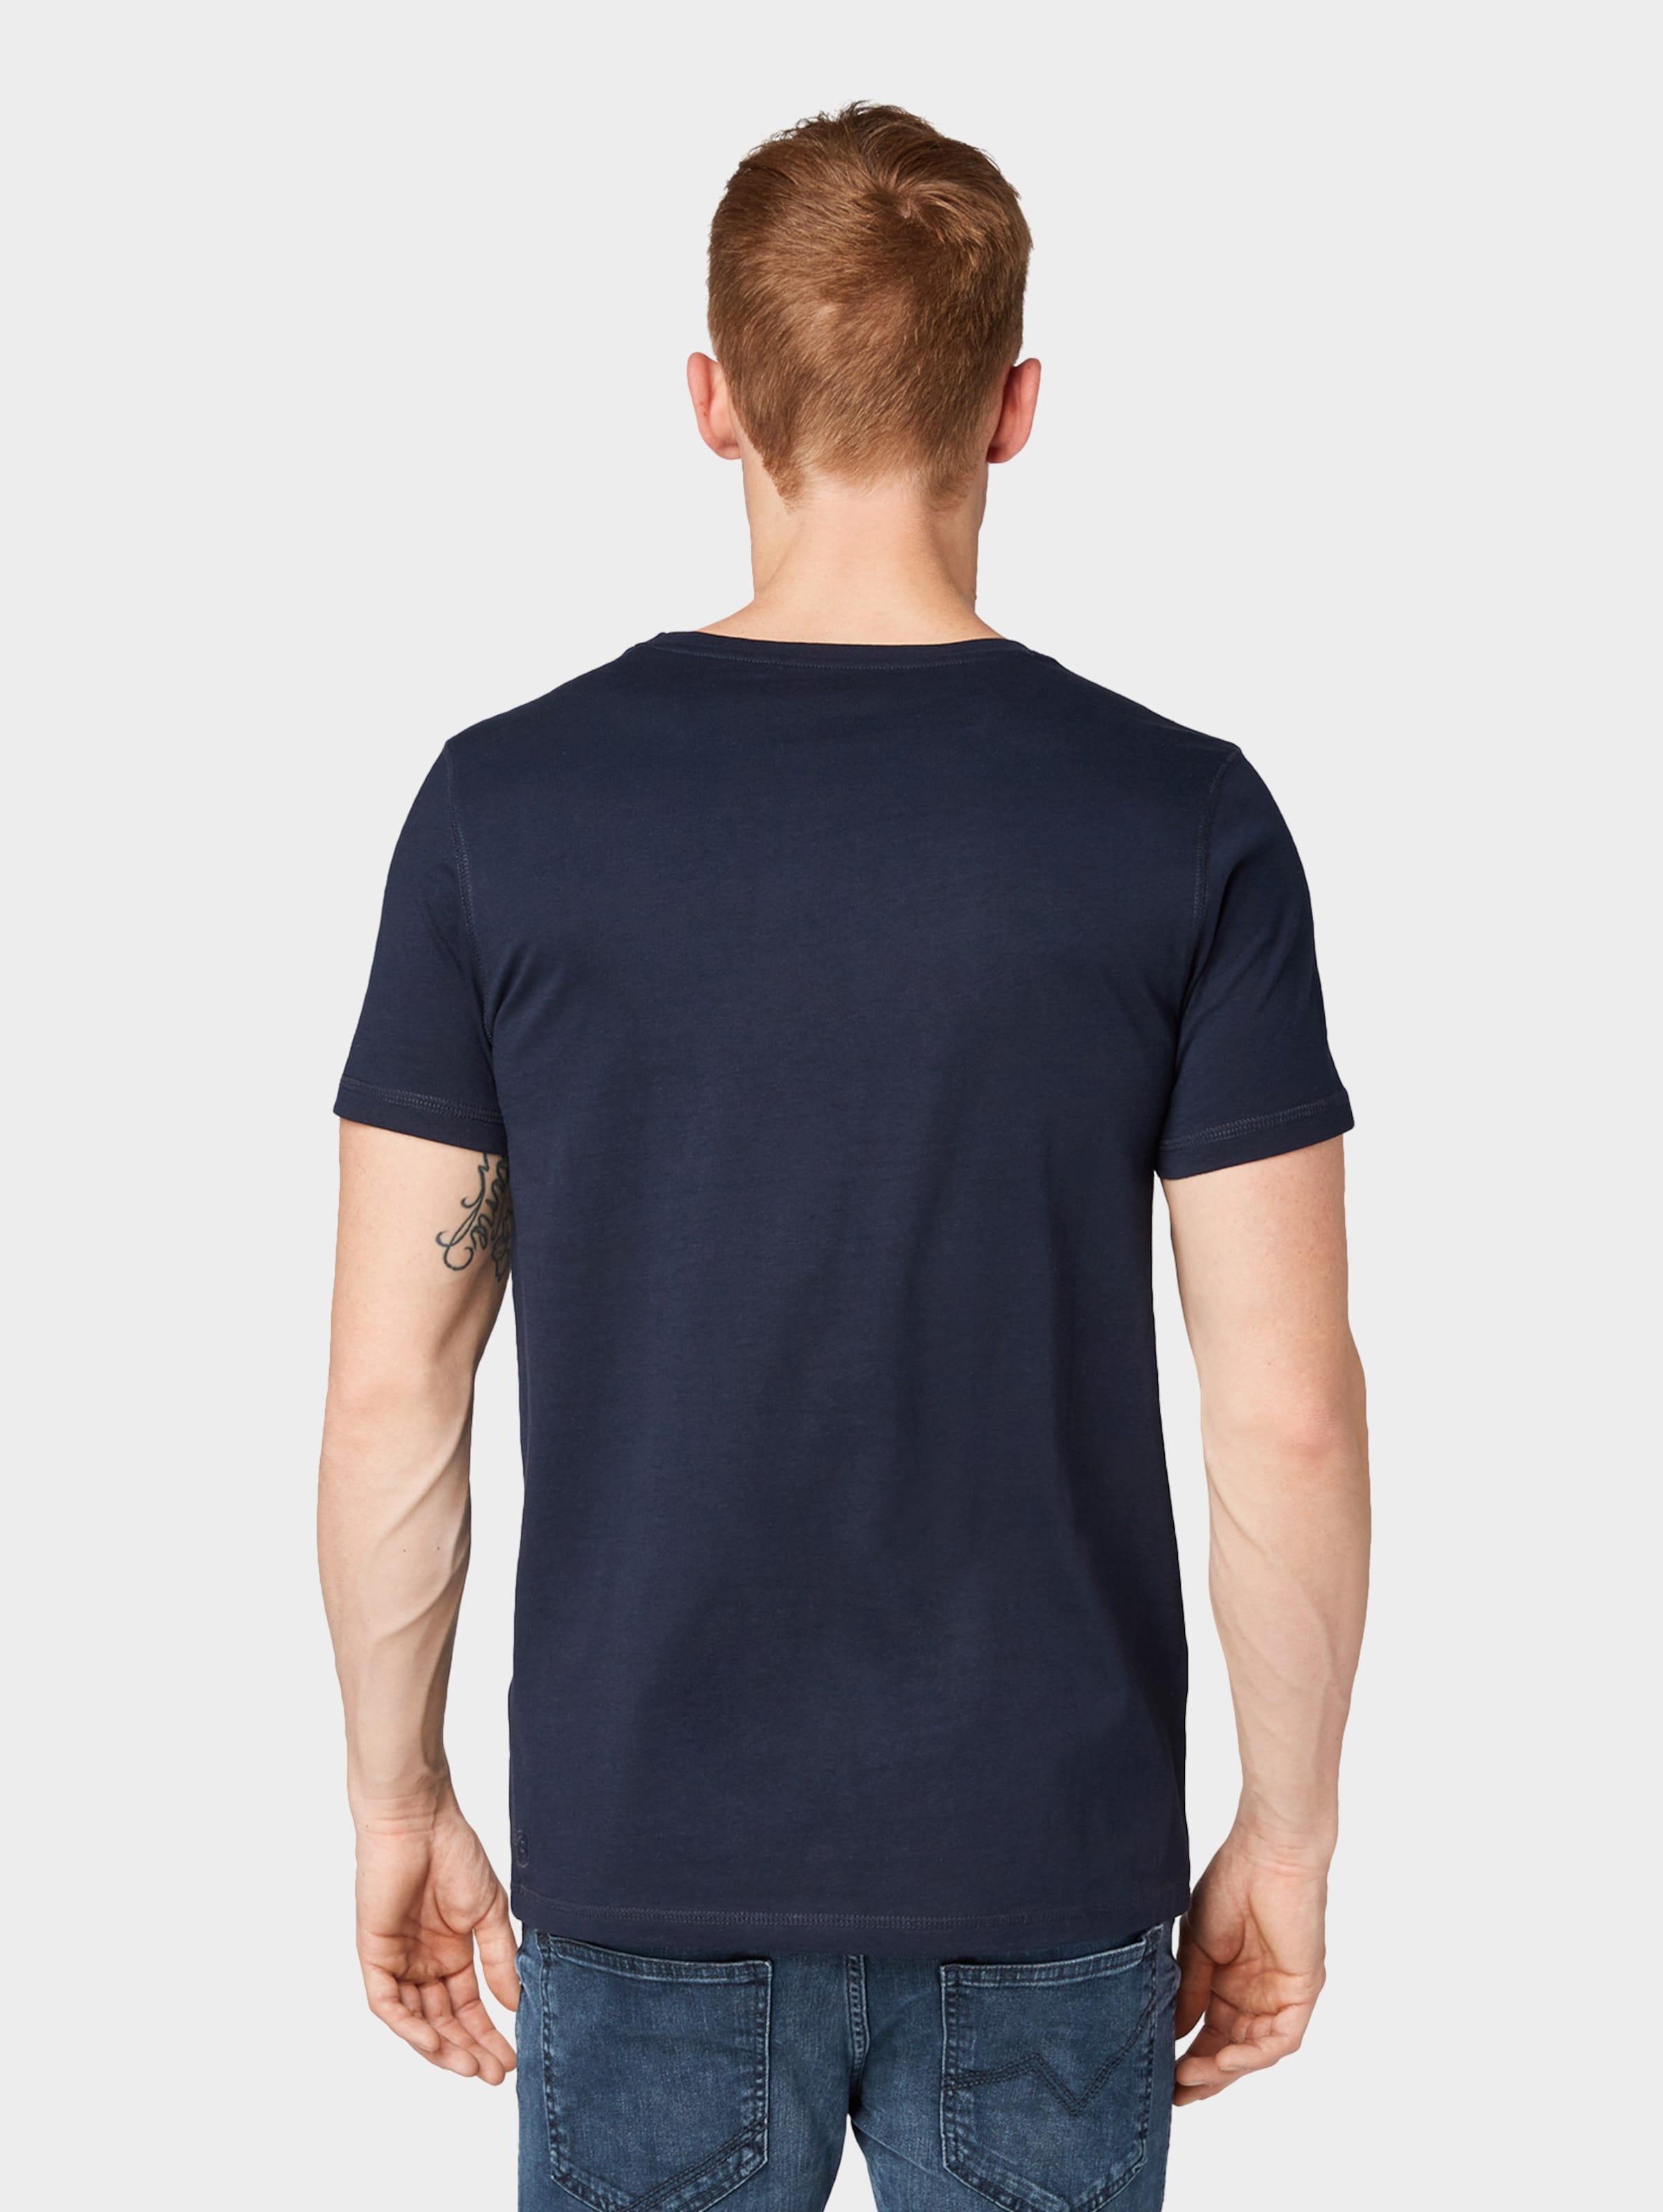 shirt NachtblauWeiß In Denim T Tom Tailor Yfvgyb76